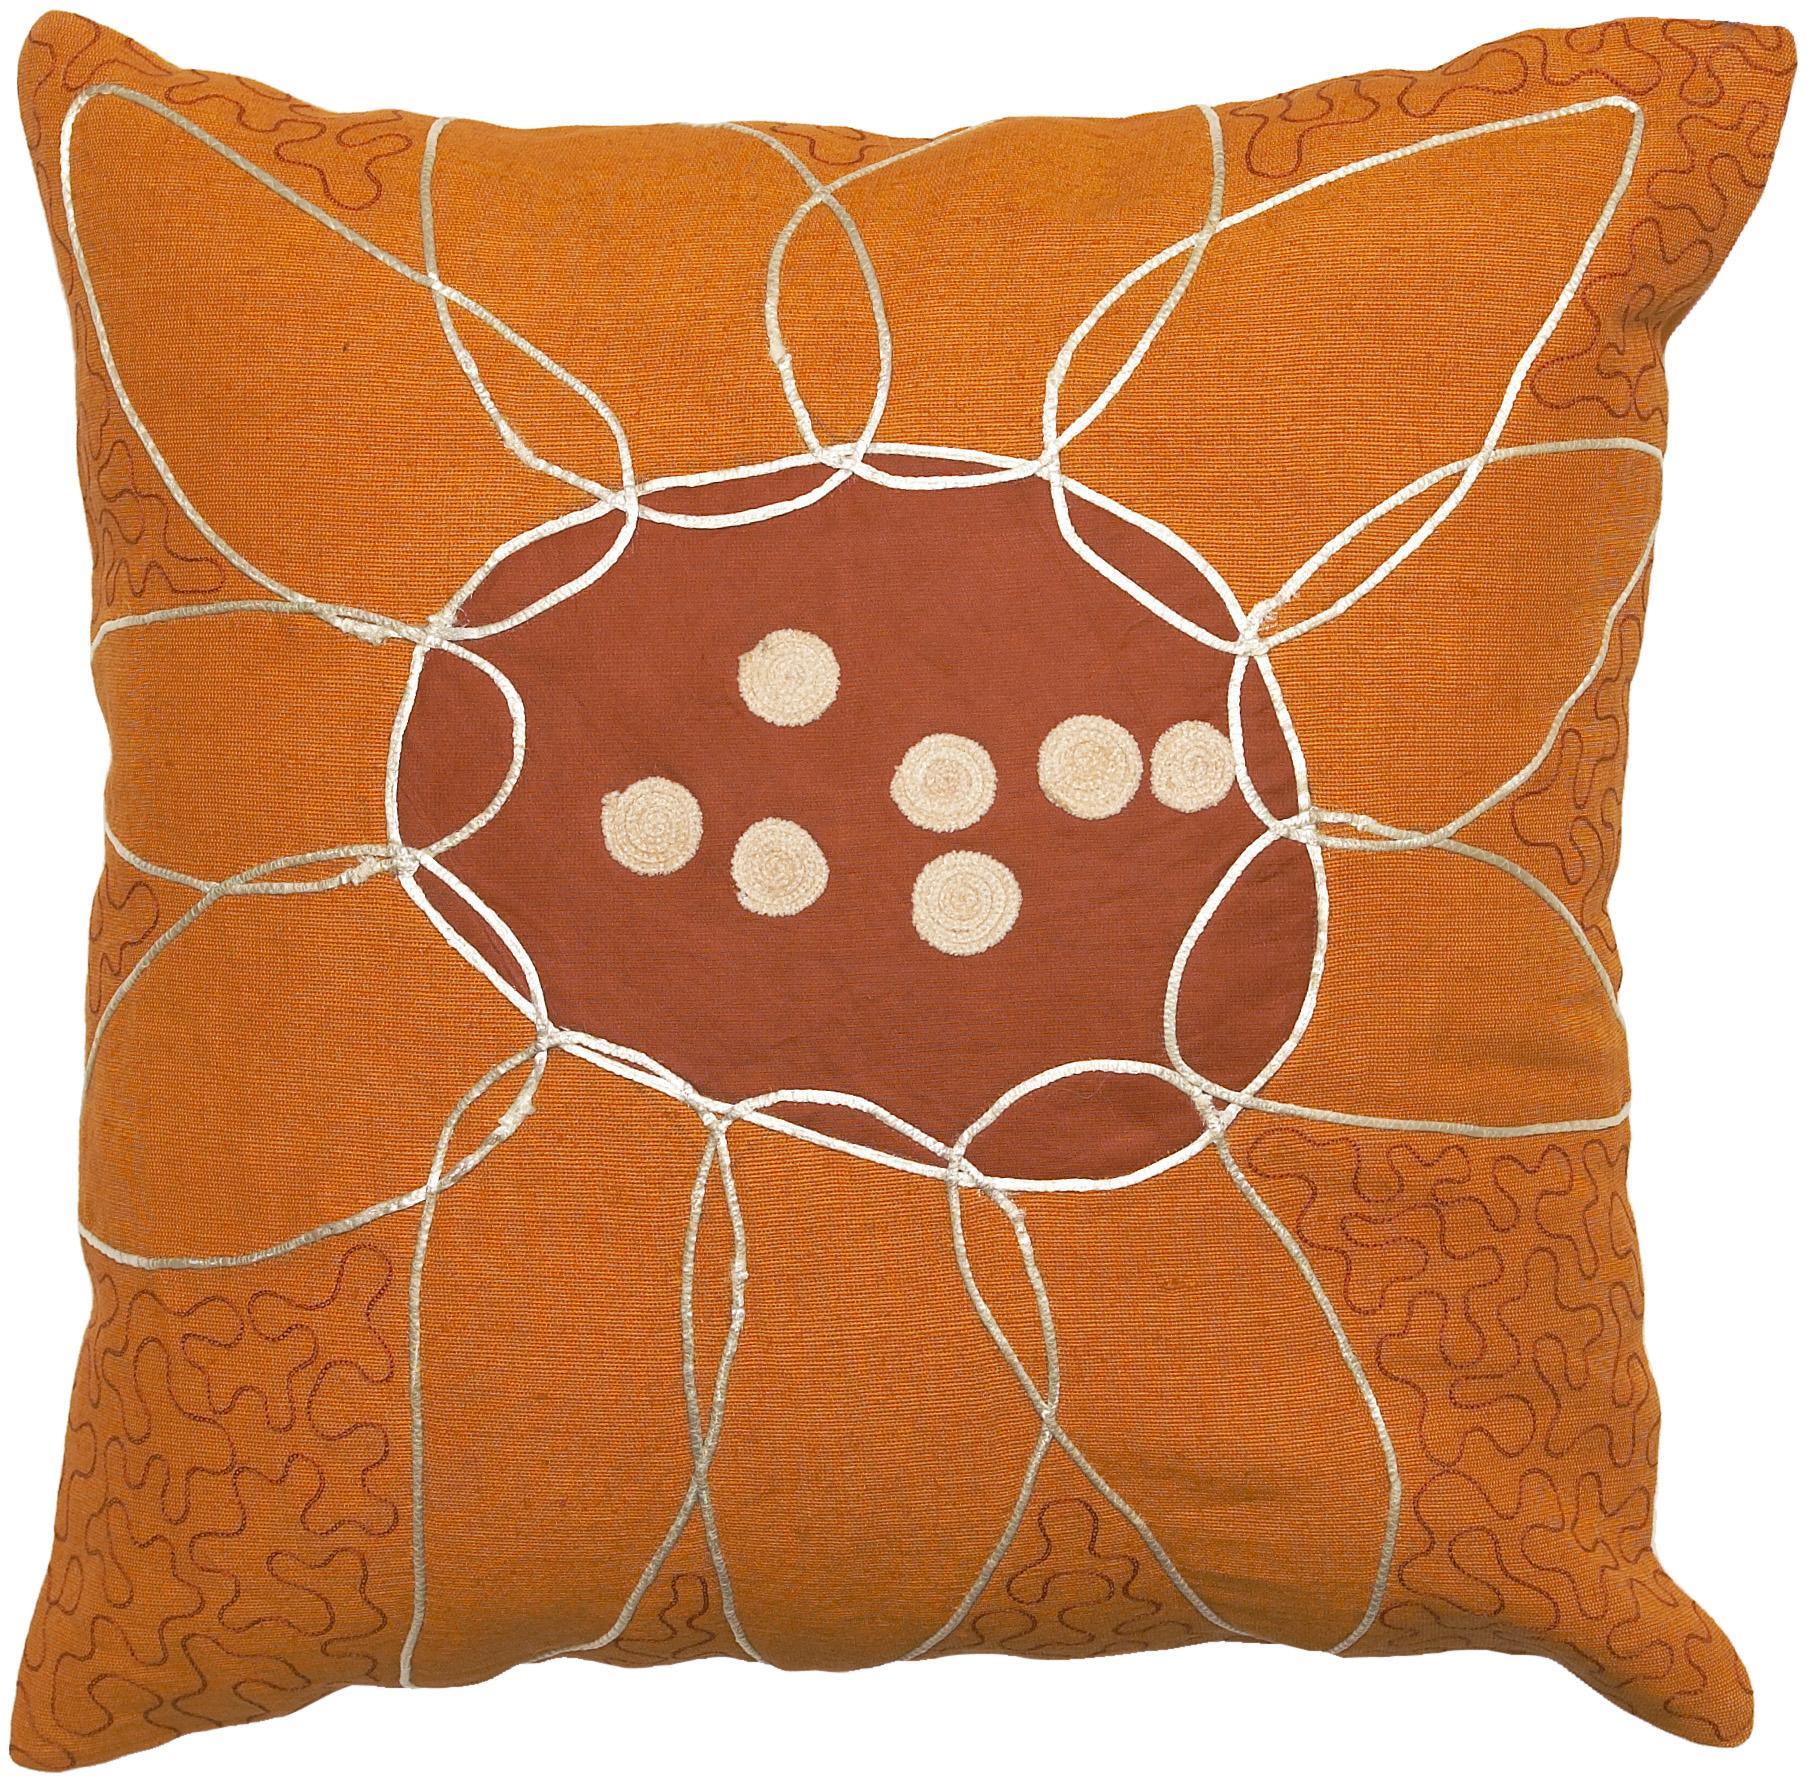 """Surya Pillows 22"""" x 22"""" Pillow - Item Number: FU2003-2222P"""